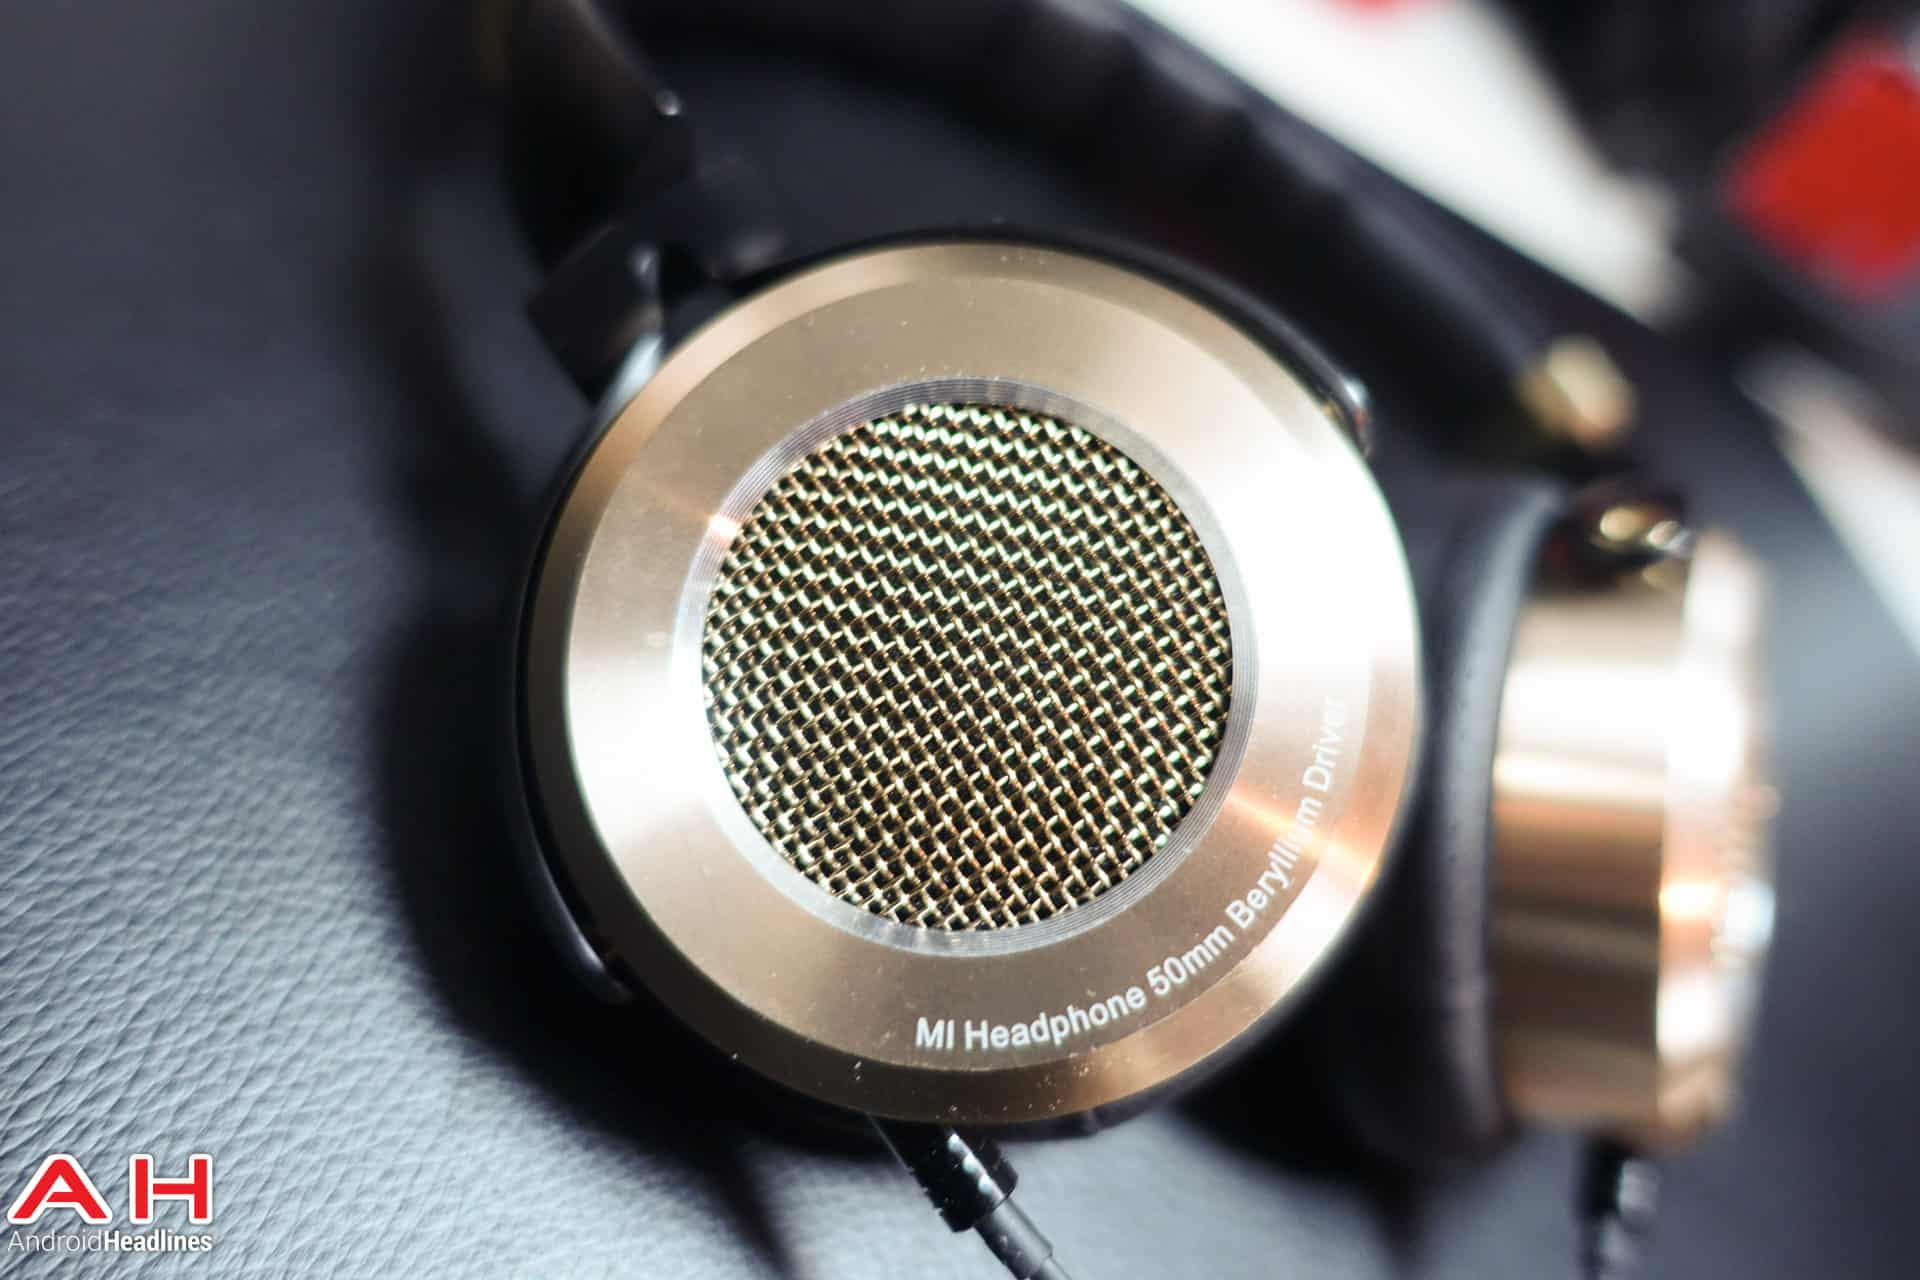 Xiaomi Mi headphones AH 03918